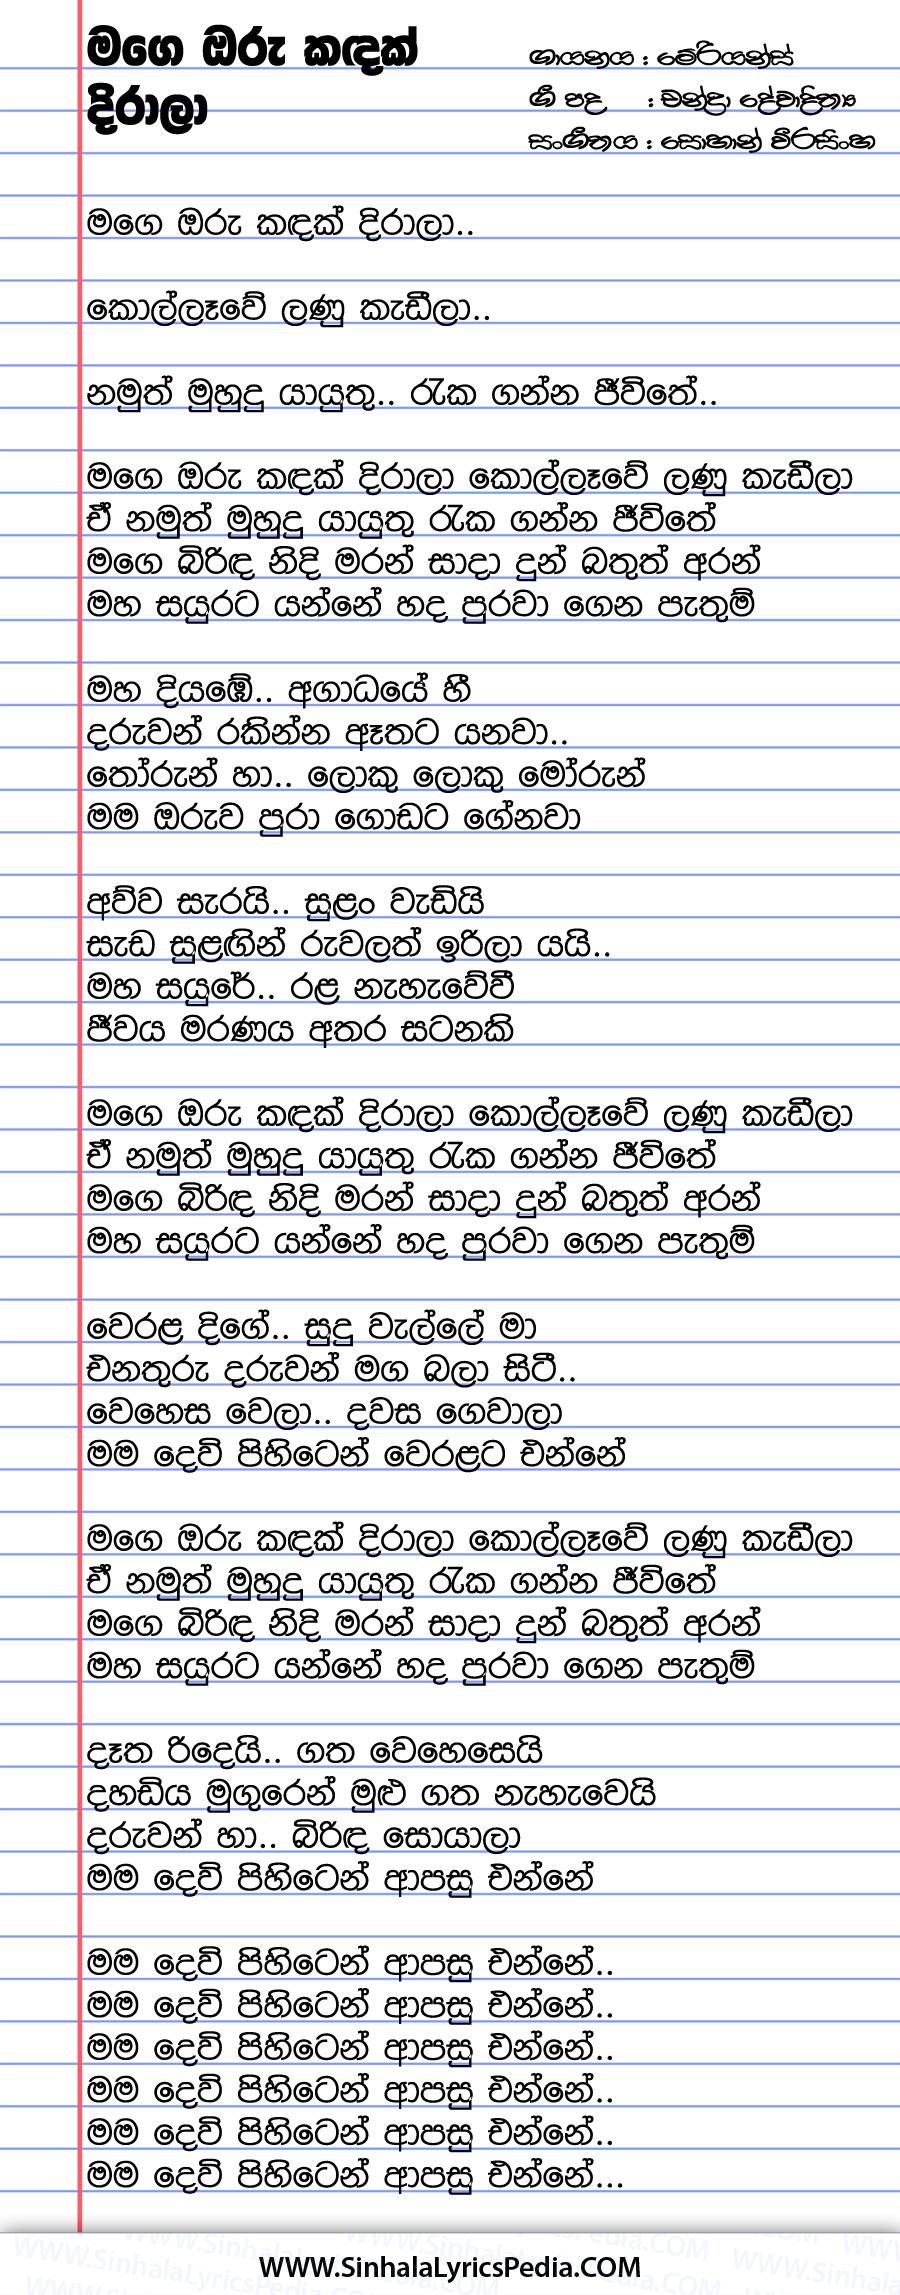 Mage Oru Kandath Dirala Song Lyrics